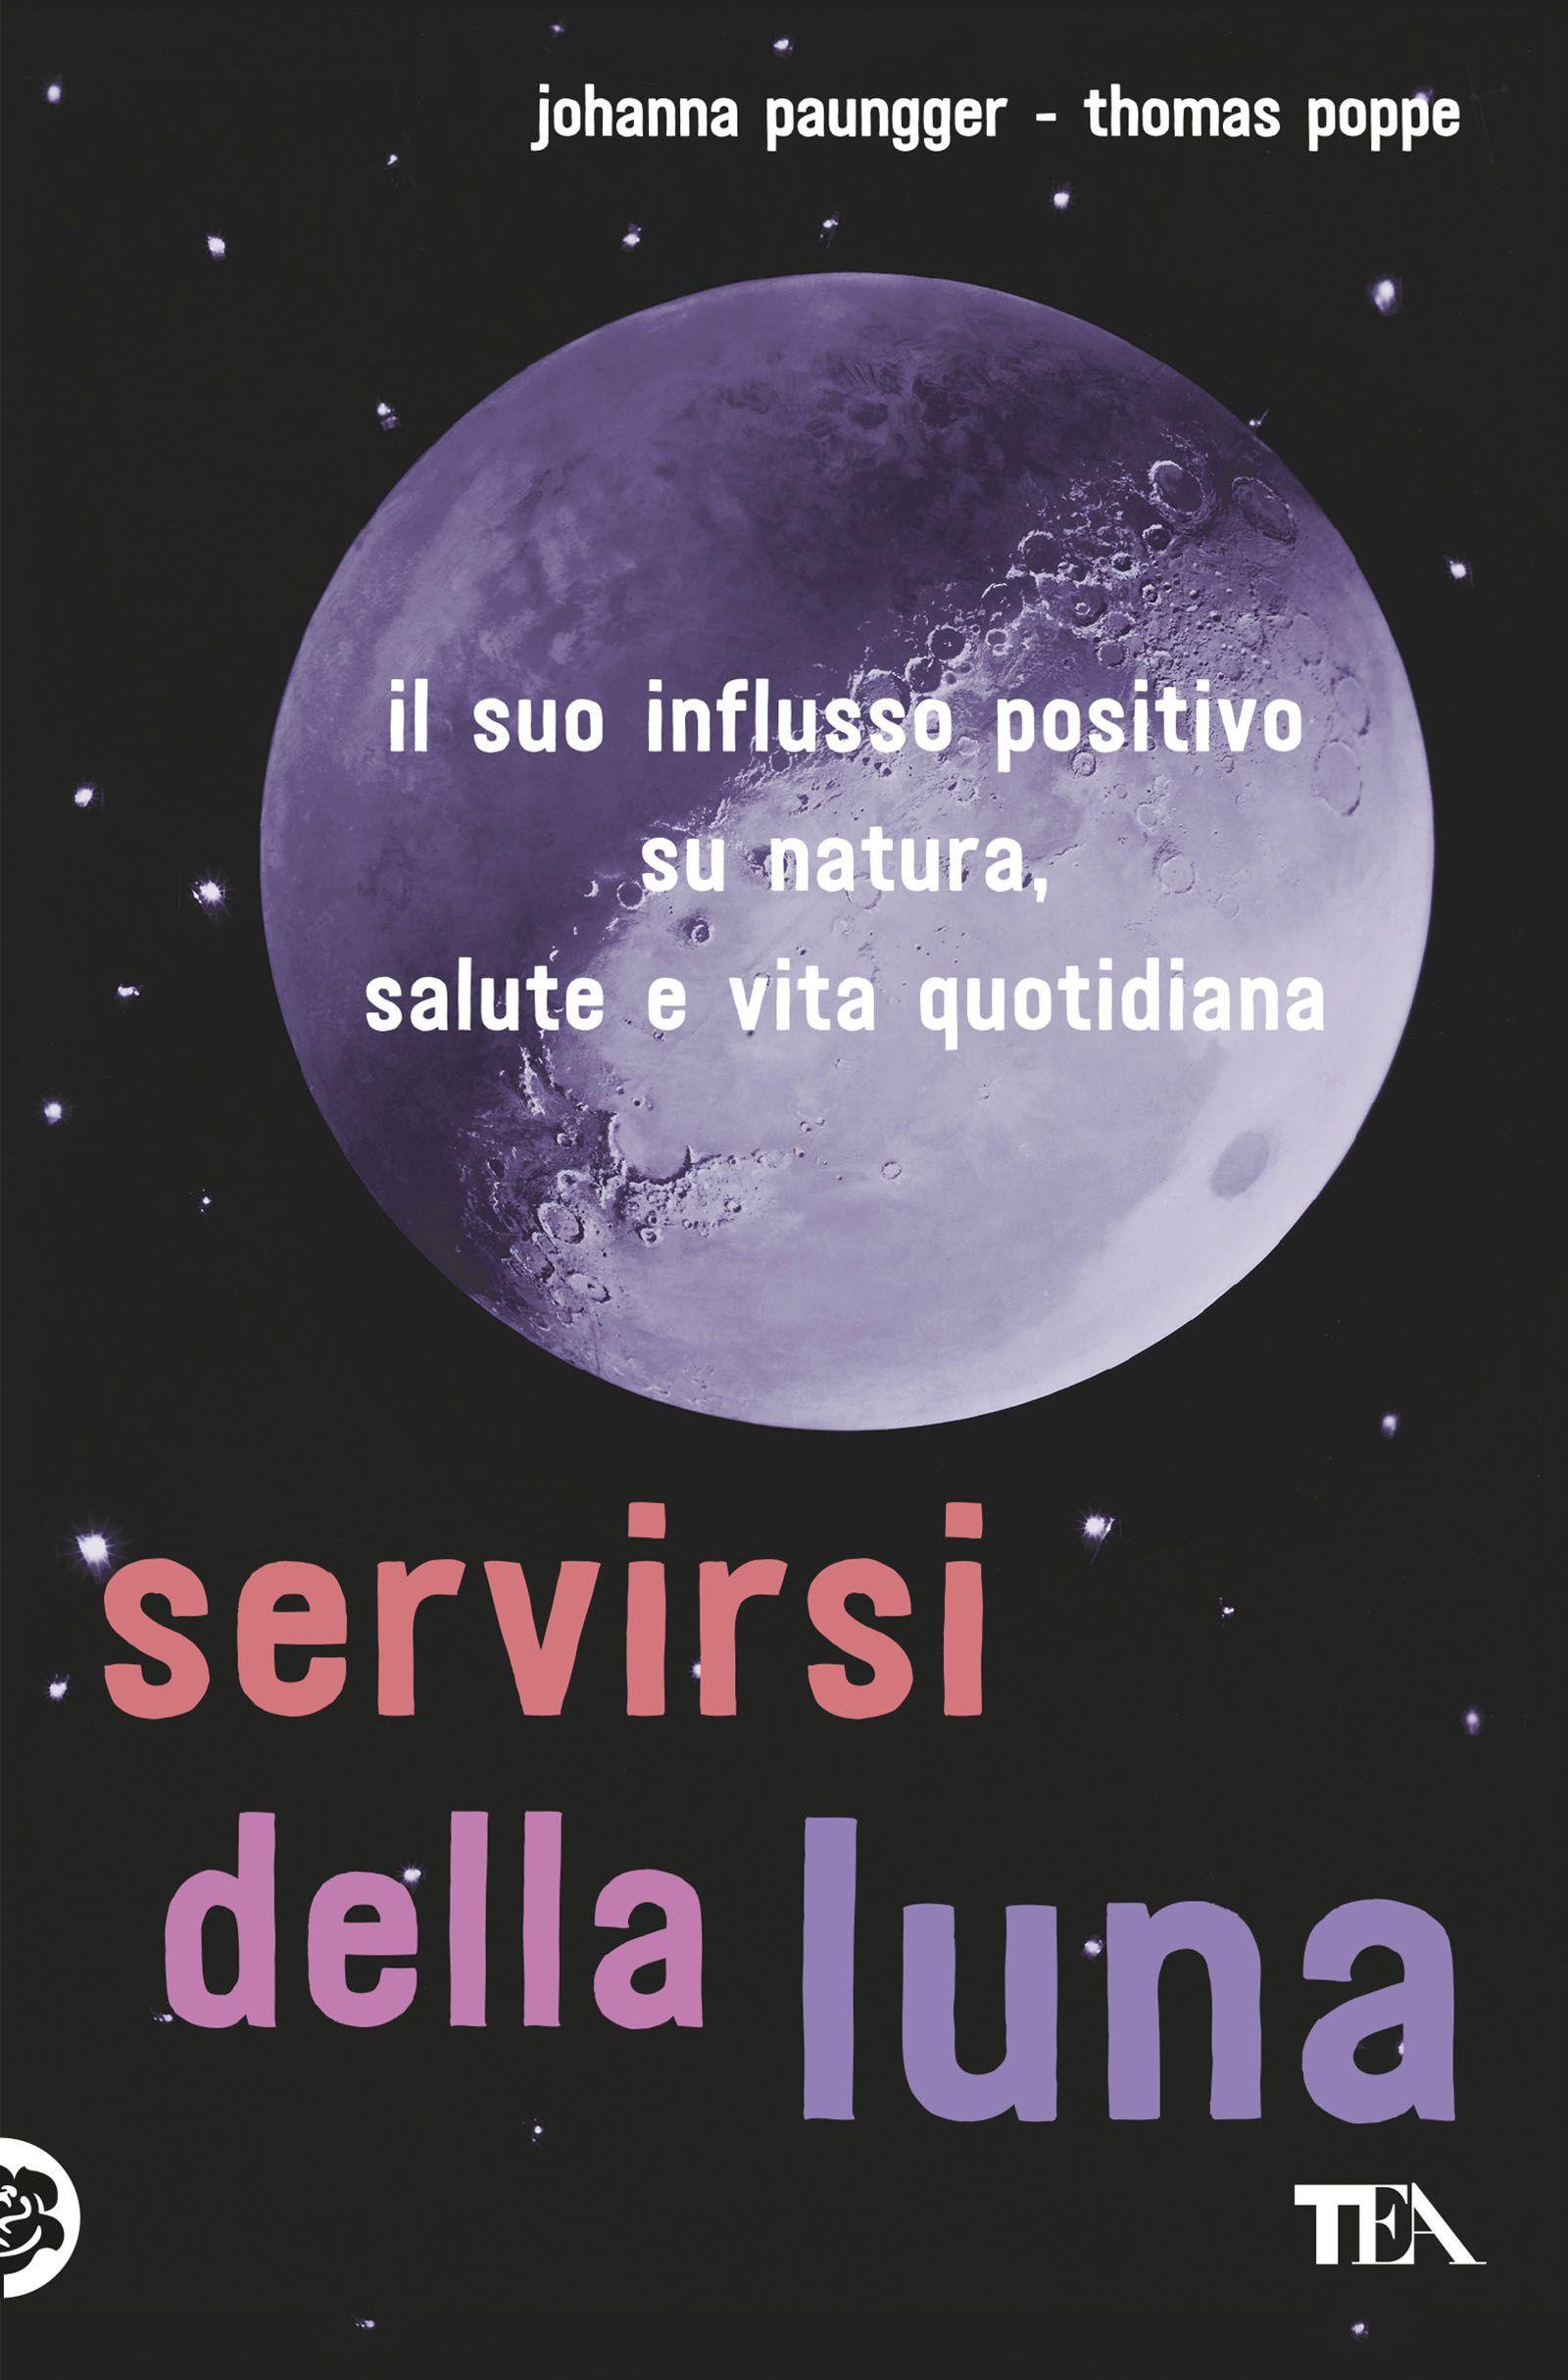 Calendario Lunare Segni Zodiacali.Tea Servirsi Della Luna